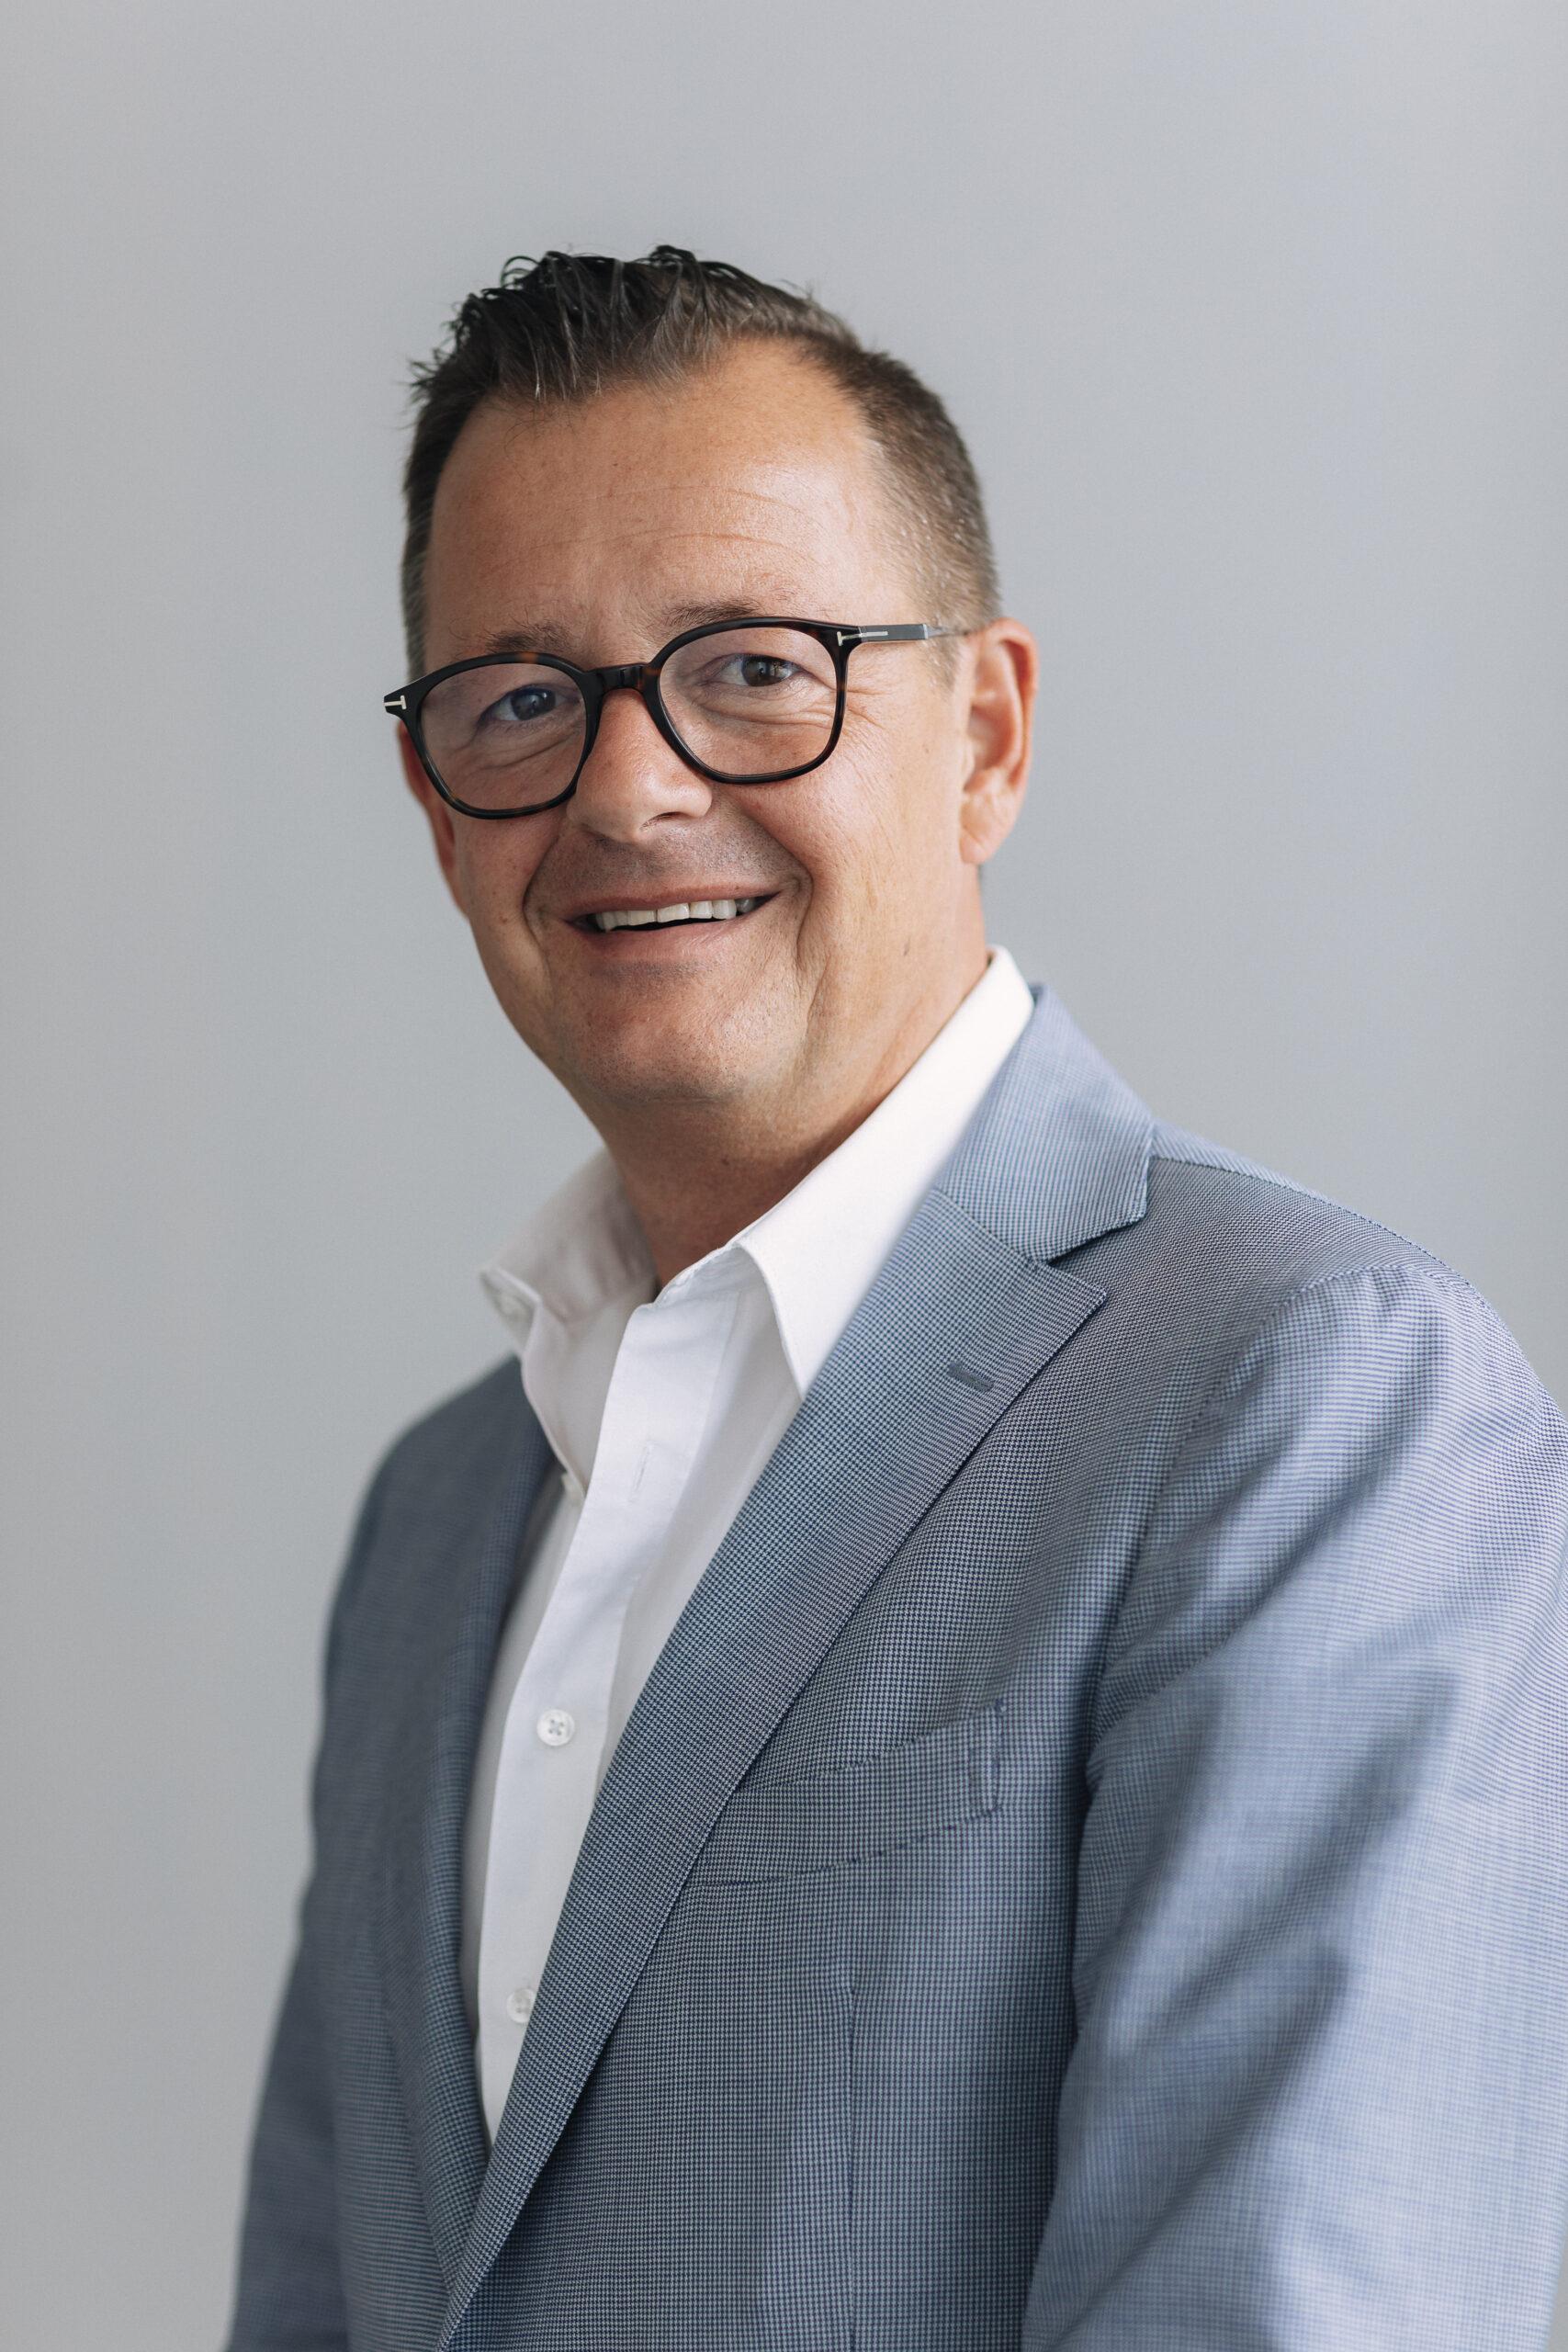 DrEric Wyffels, diensthoofd Cardiologie van het OLV Ziekenhuis